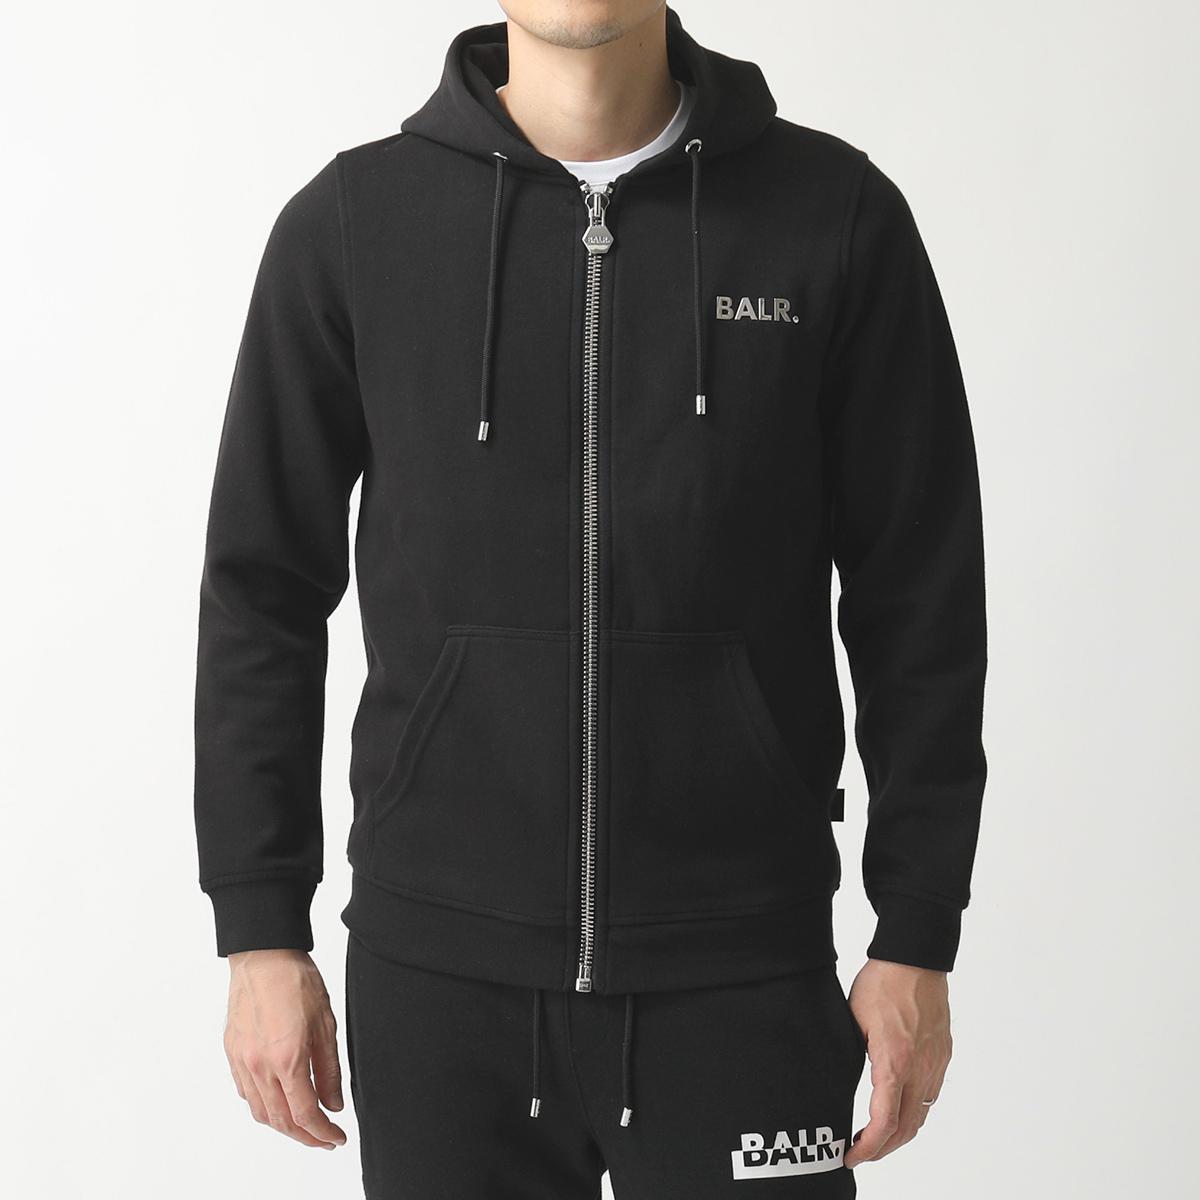 BALR. ボーラー Q-Series Zipped Hoodie スウェット ジップアップ パーカー ロゴメタルプレート Black メンズ